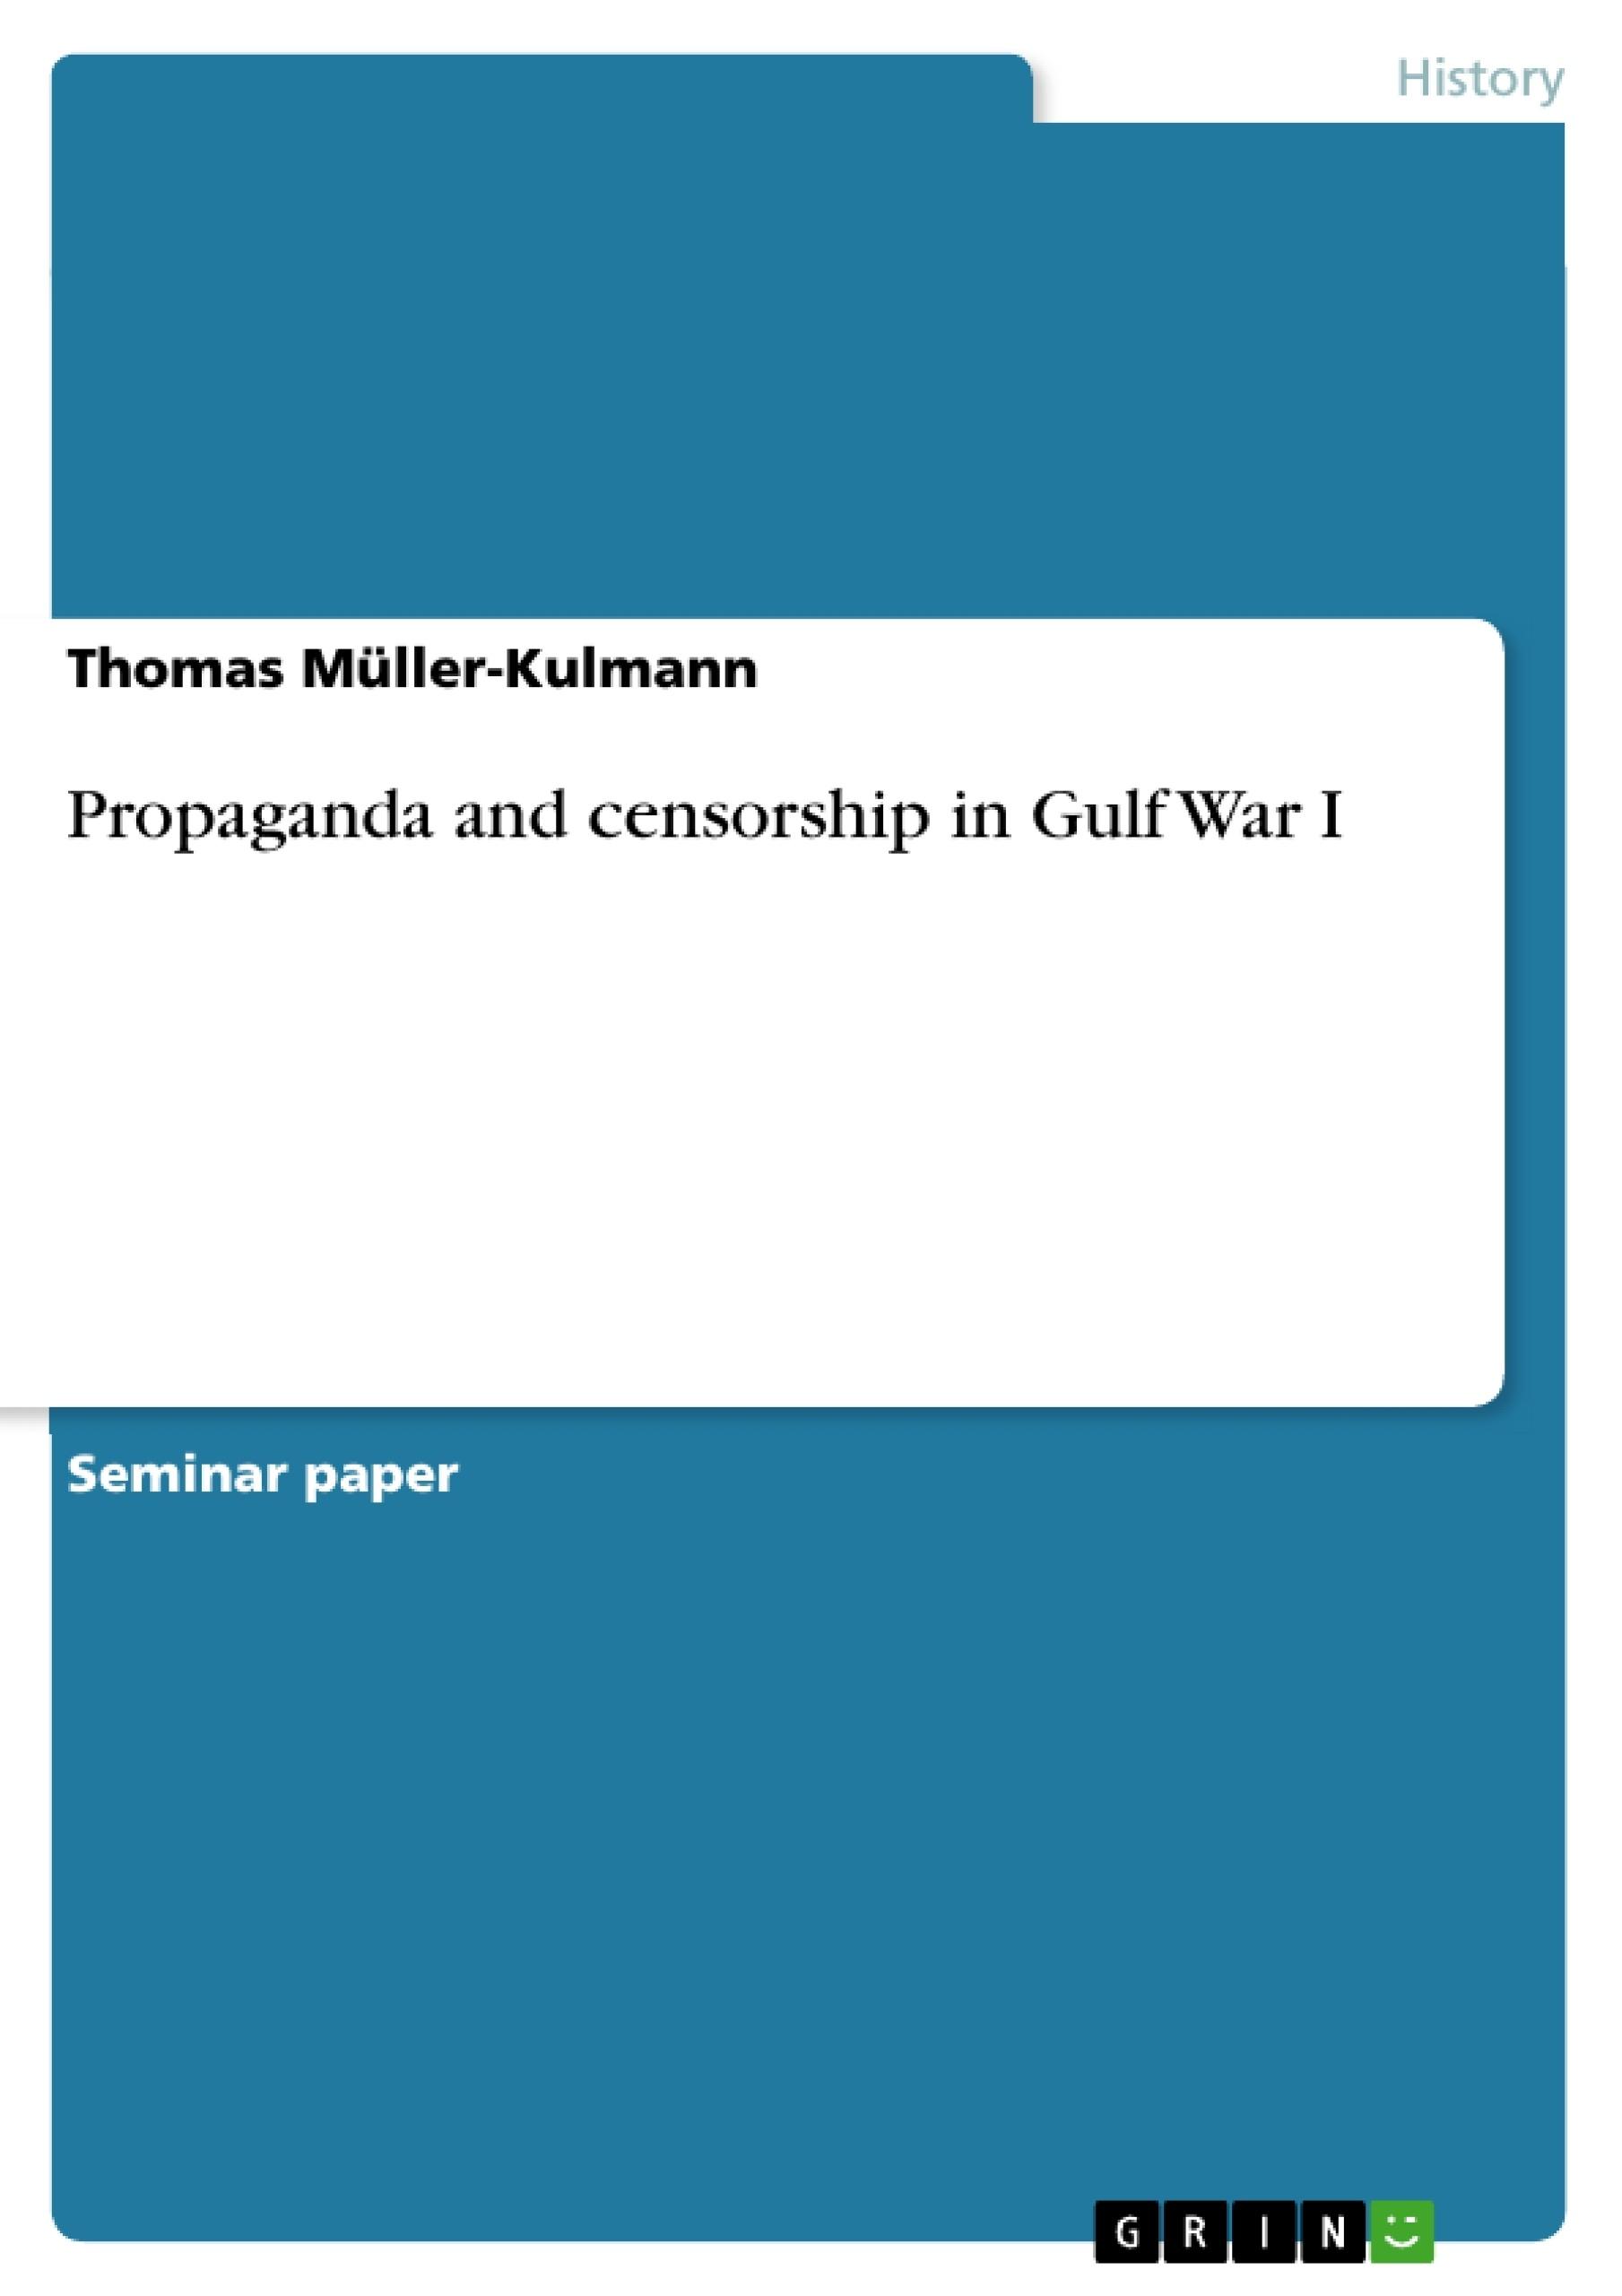 Title: Propaganda and censorship in Gulf War I